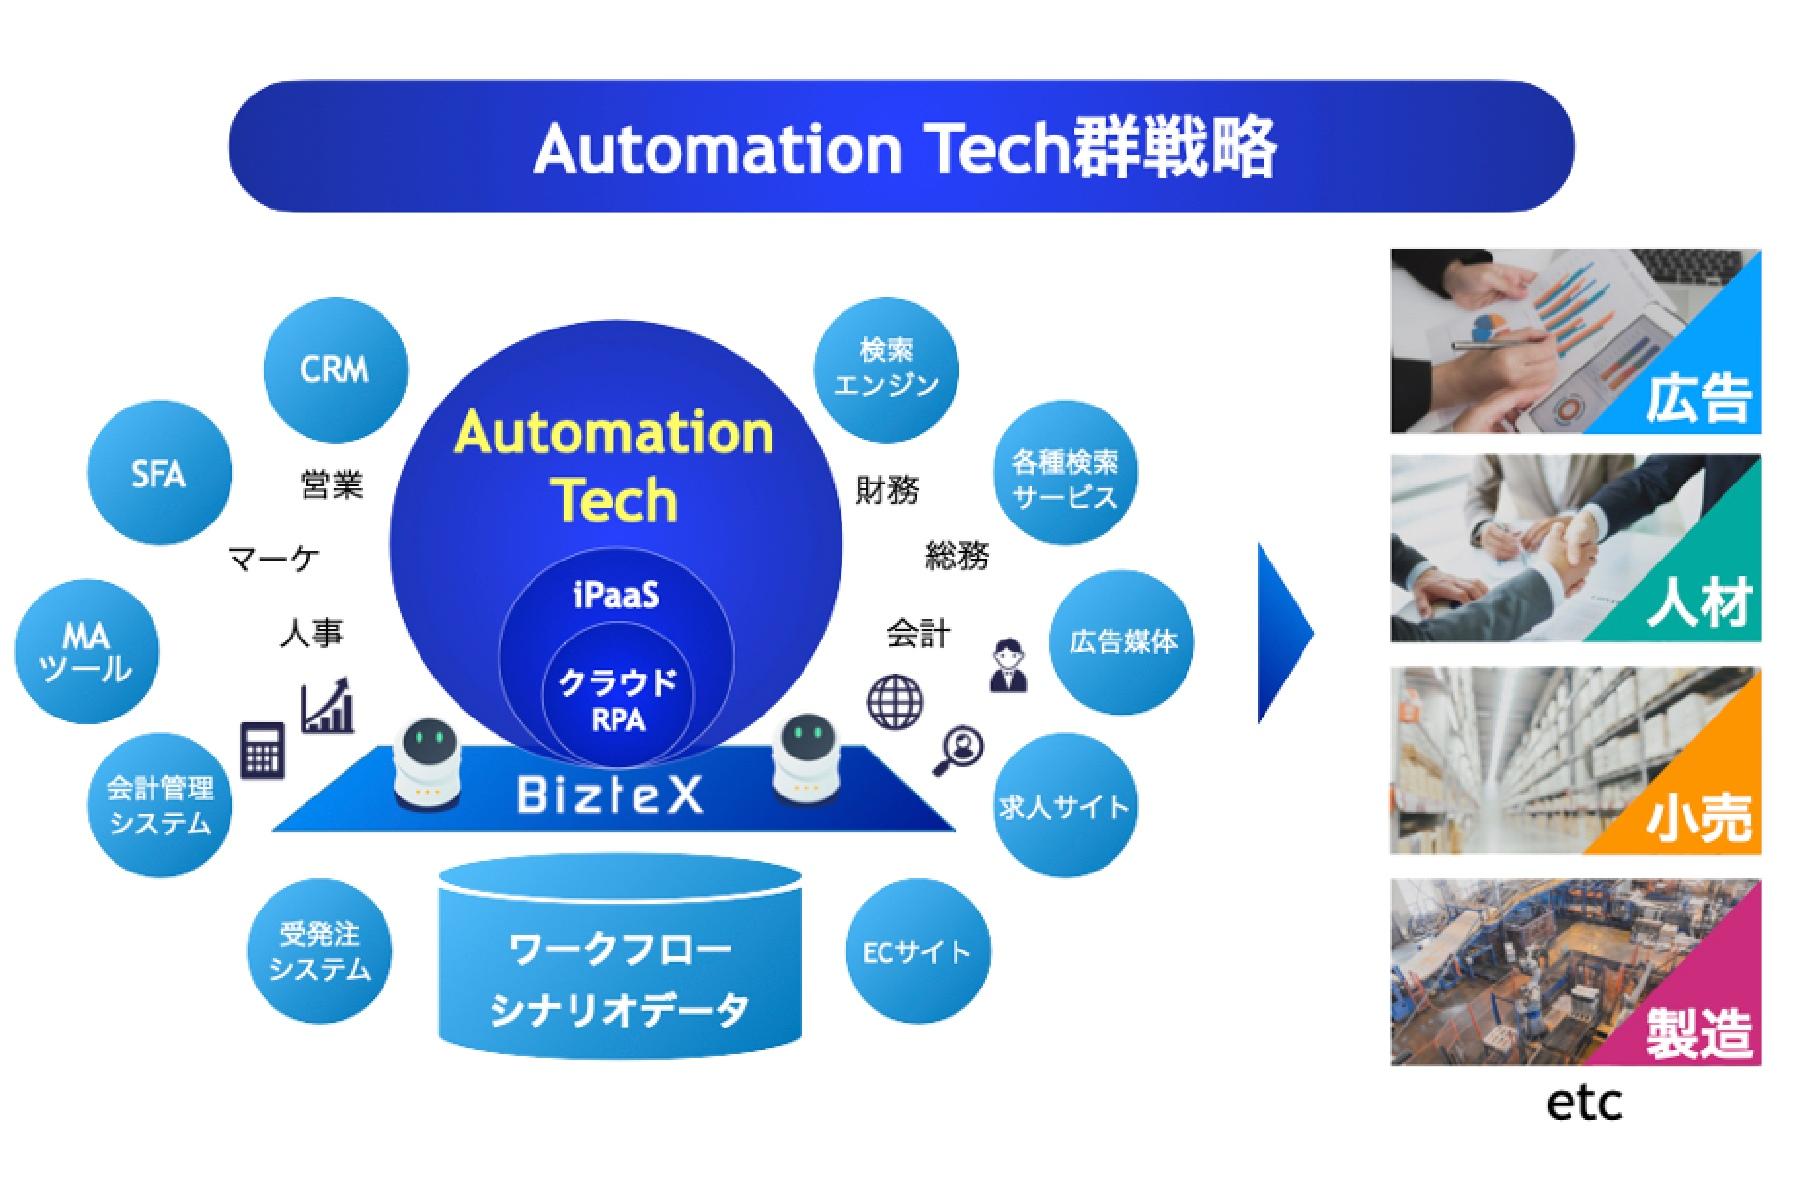 業務自動化ソリューションのBizteX、みやこキャピタル・KDDI・TIS等から総額6.3億円を調達